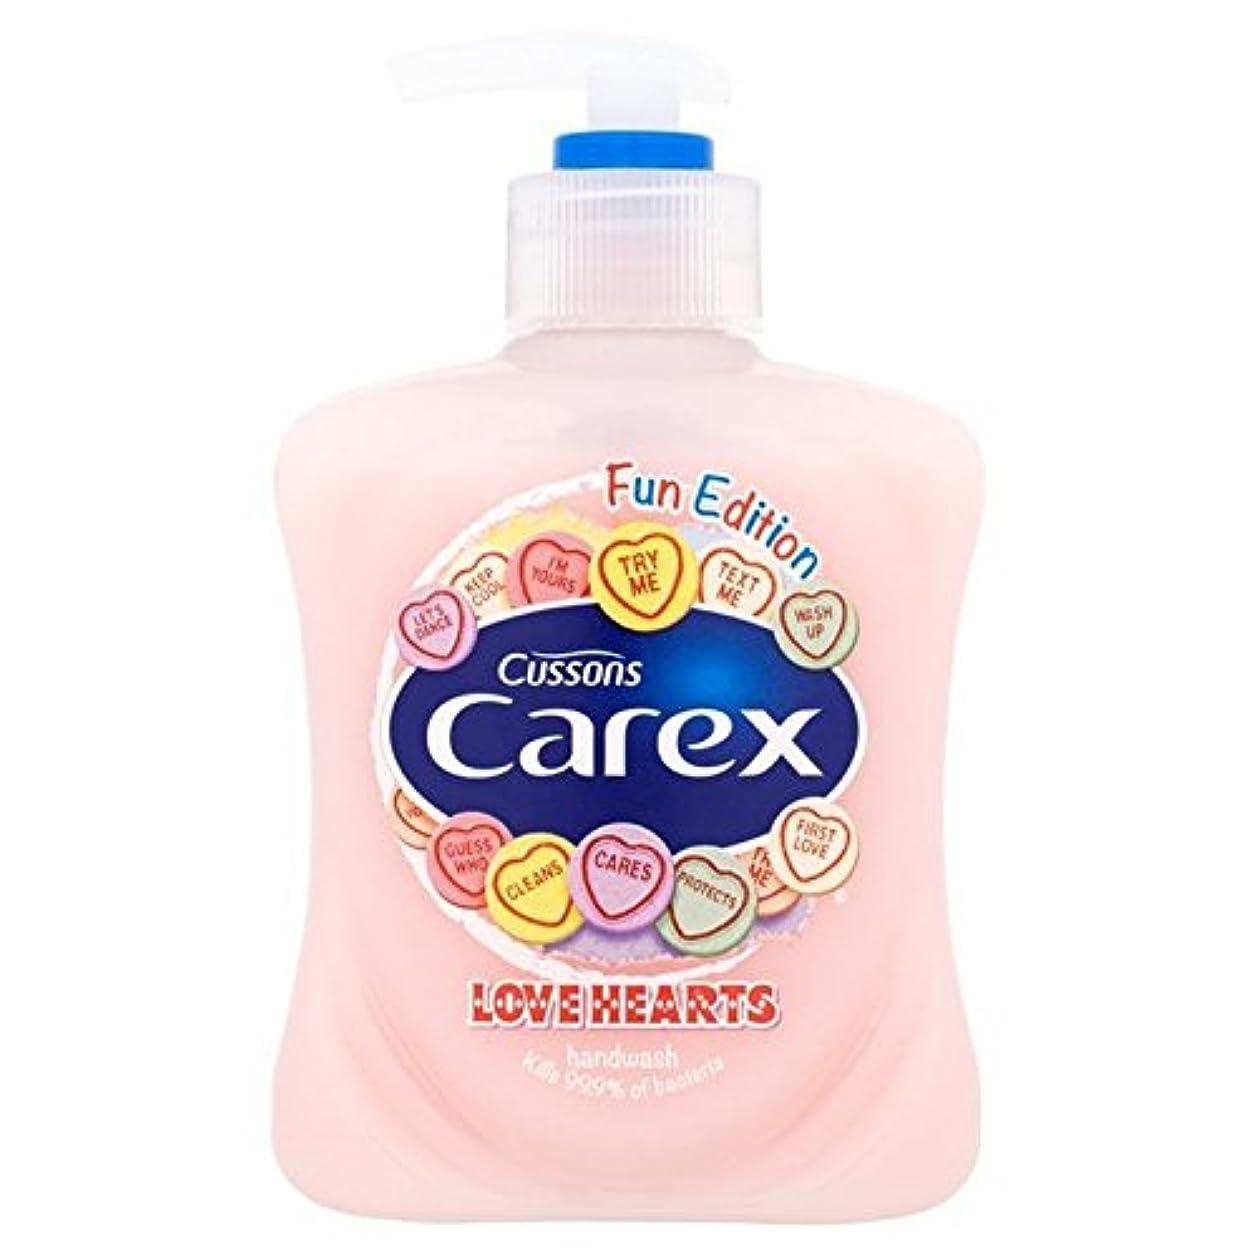 考案する嘆願マトンスゲ楽しい版愛の心のハンドウォッシュ250ミリリットル x2 - Carex Fun Edition Love Hearts Hand Wash 250ml (Pack of 2) [並行輸入品]